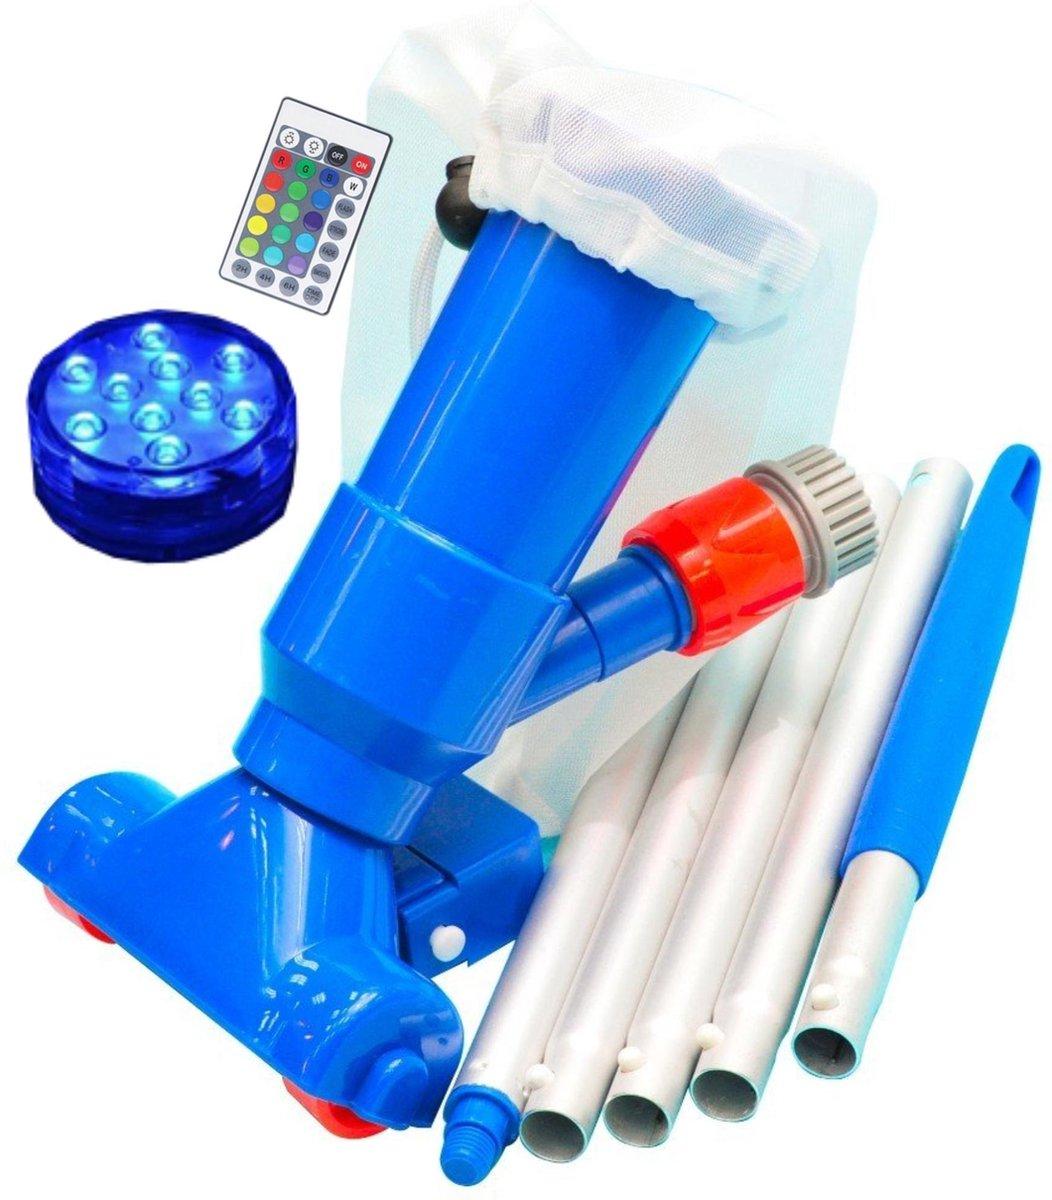 Zwembad Stofzuiger Inclusief Steel en LED Lamp met afstandsbediening - Zwembadstofzuiger voor Zwembad Onderhoud - Ecomtrends®